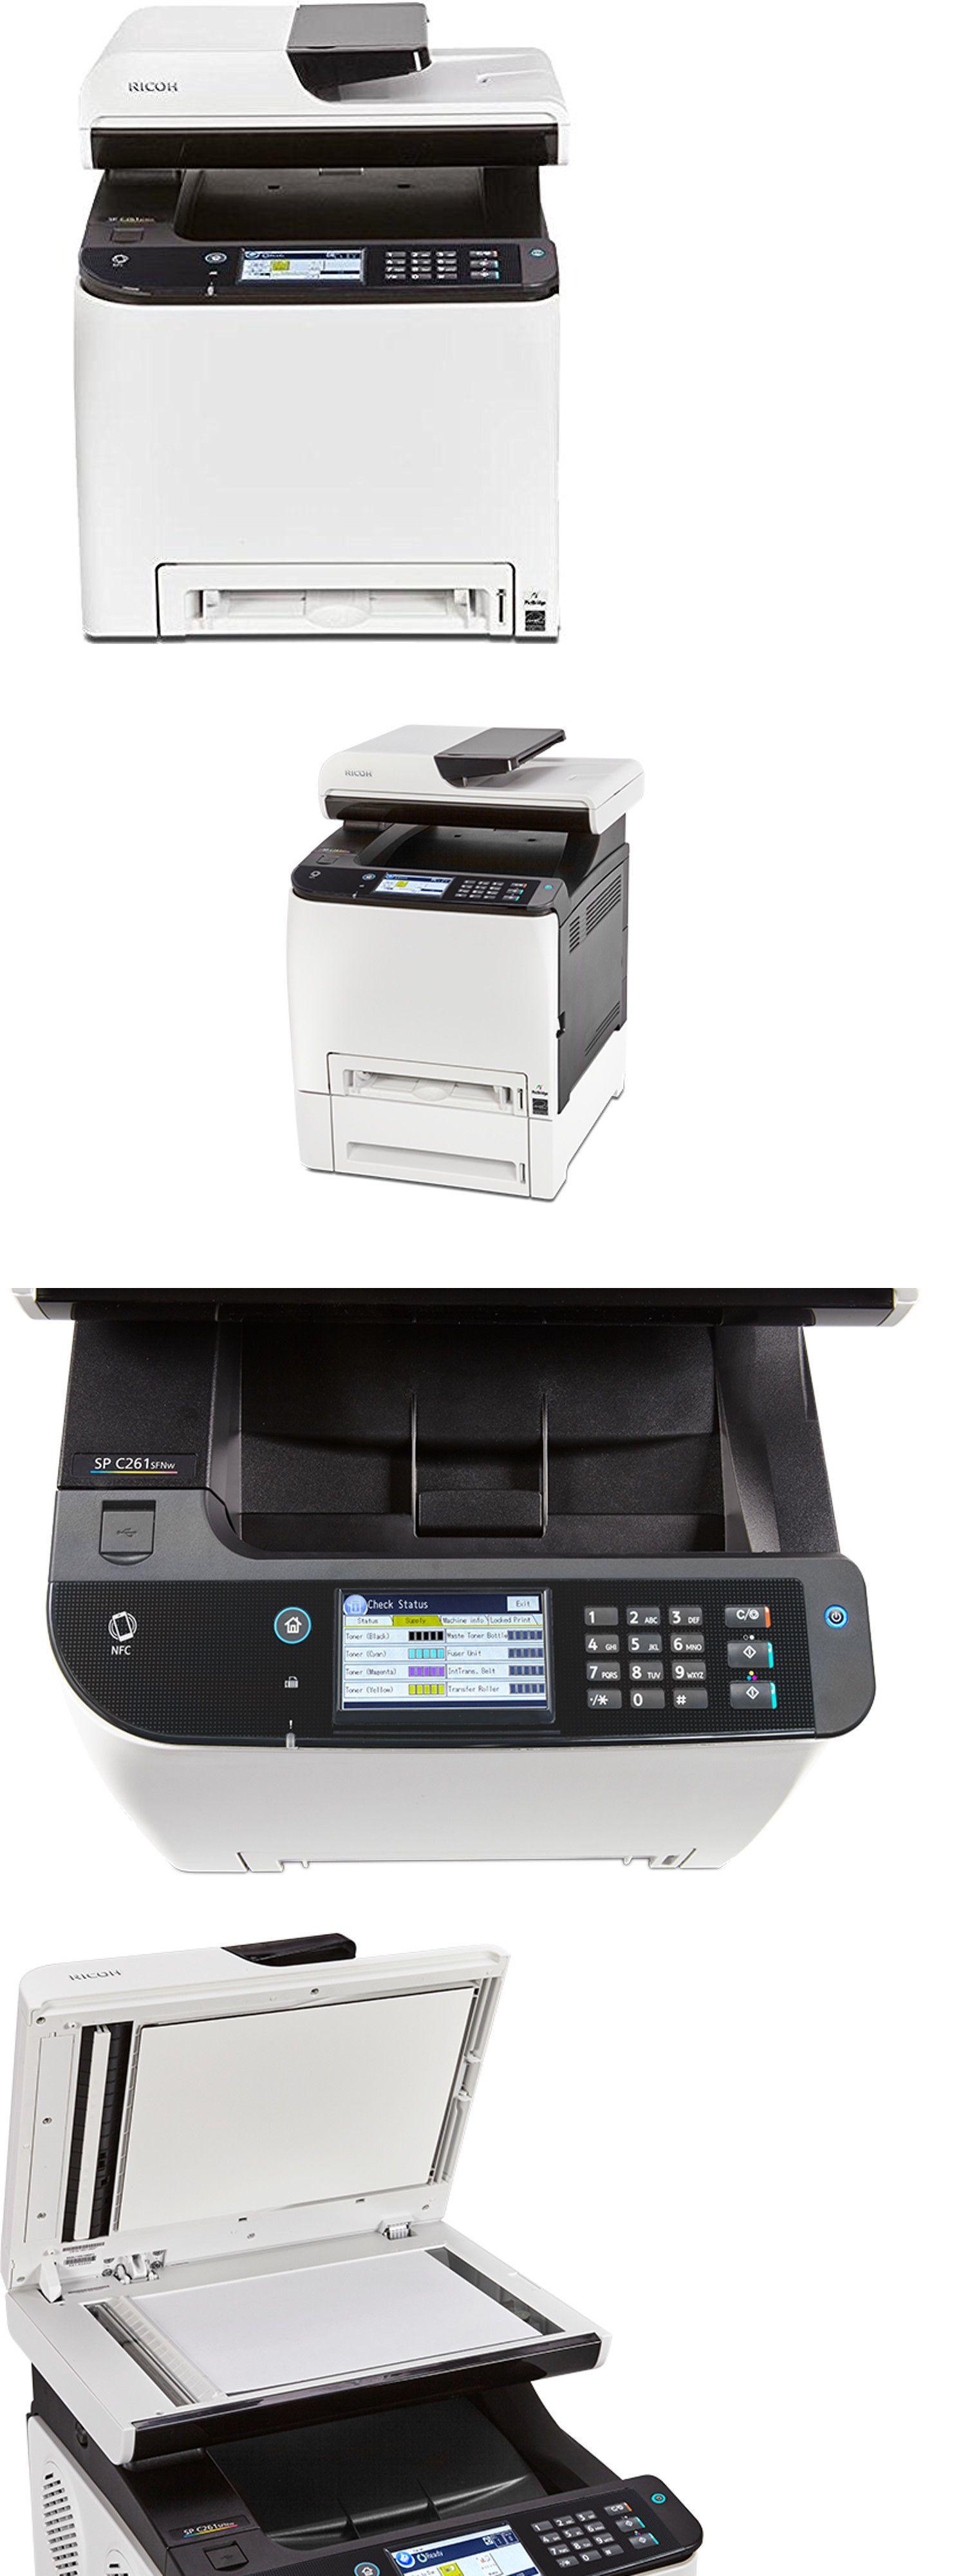 Printers 1245 Ricoh Sp C261sfnw AllInOne Color Laser